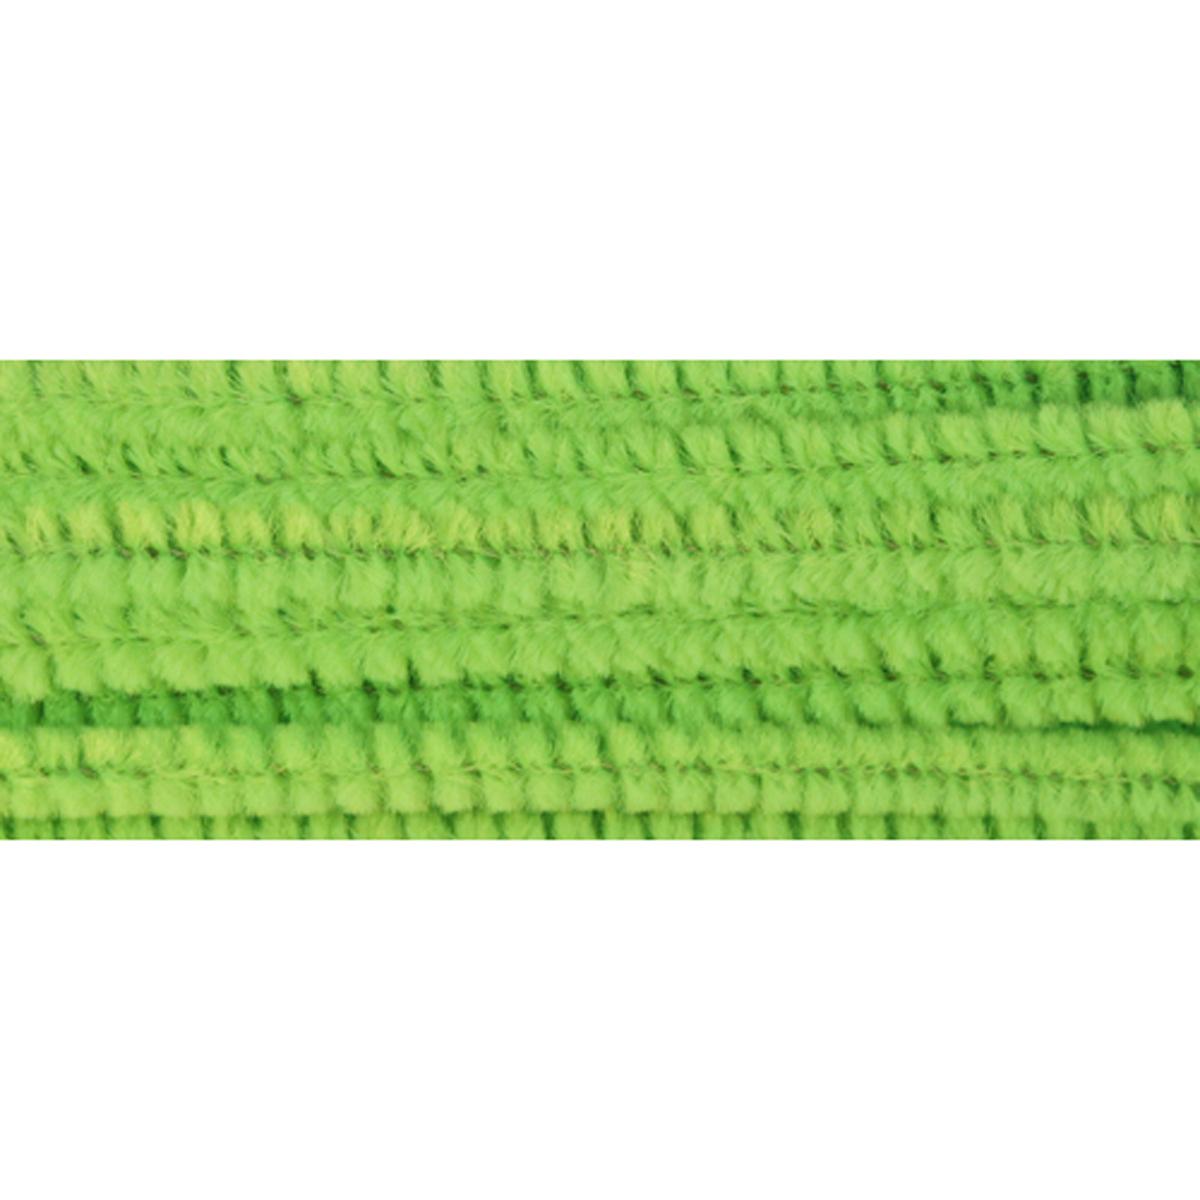 Синель-проволока Астра, цвет: светло-зеленый, 6 мм х 30 см, 30 шт7708692_ A-013 св зеленыйИз пушистой проволоки можно мастерить разные поделки - плоские и объемные. Такая проволока послужит практичным материалом в валянии и изготовлении игрушек.